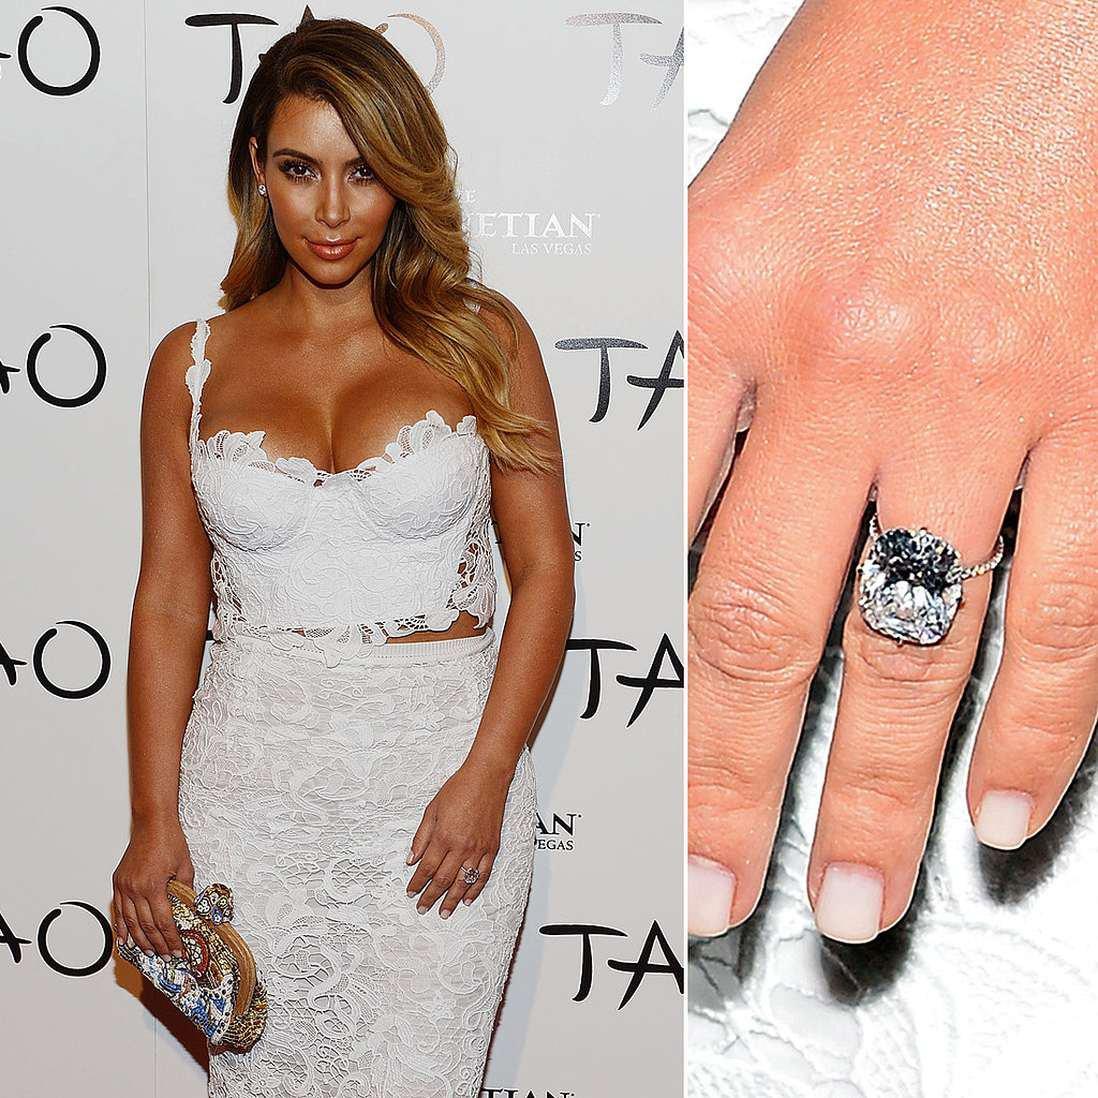 Imitation Stolen Kim Kardashian Diamond Ring